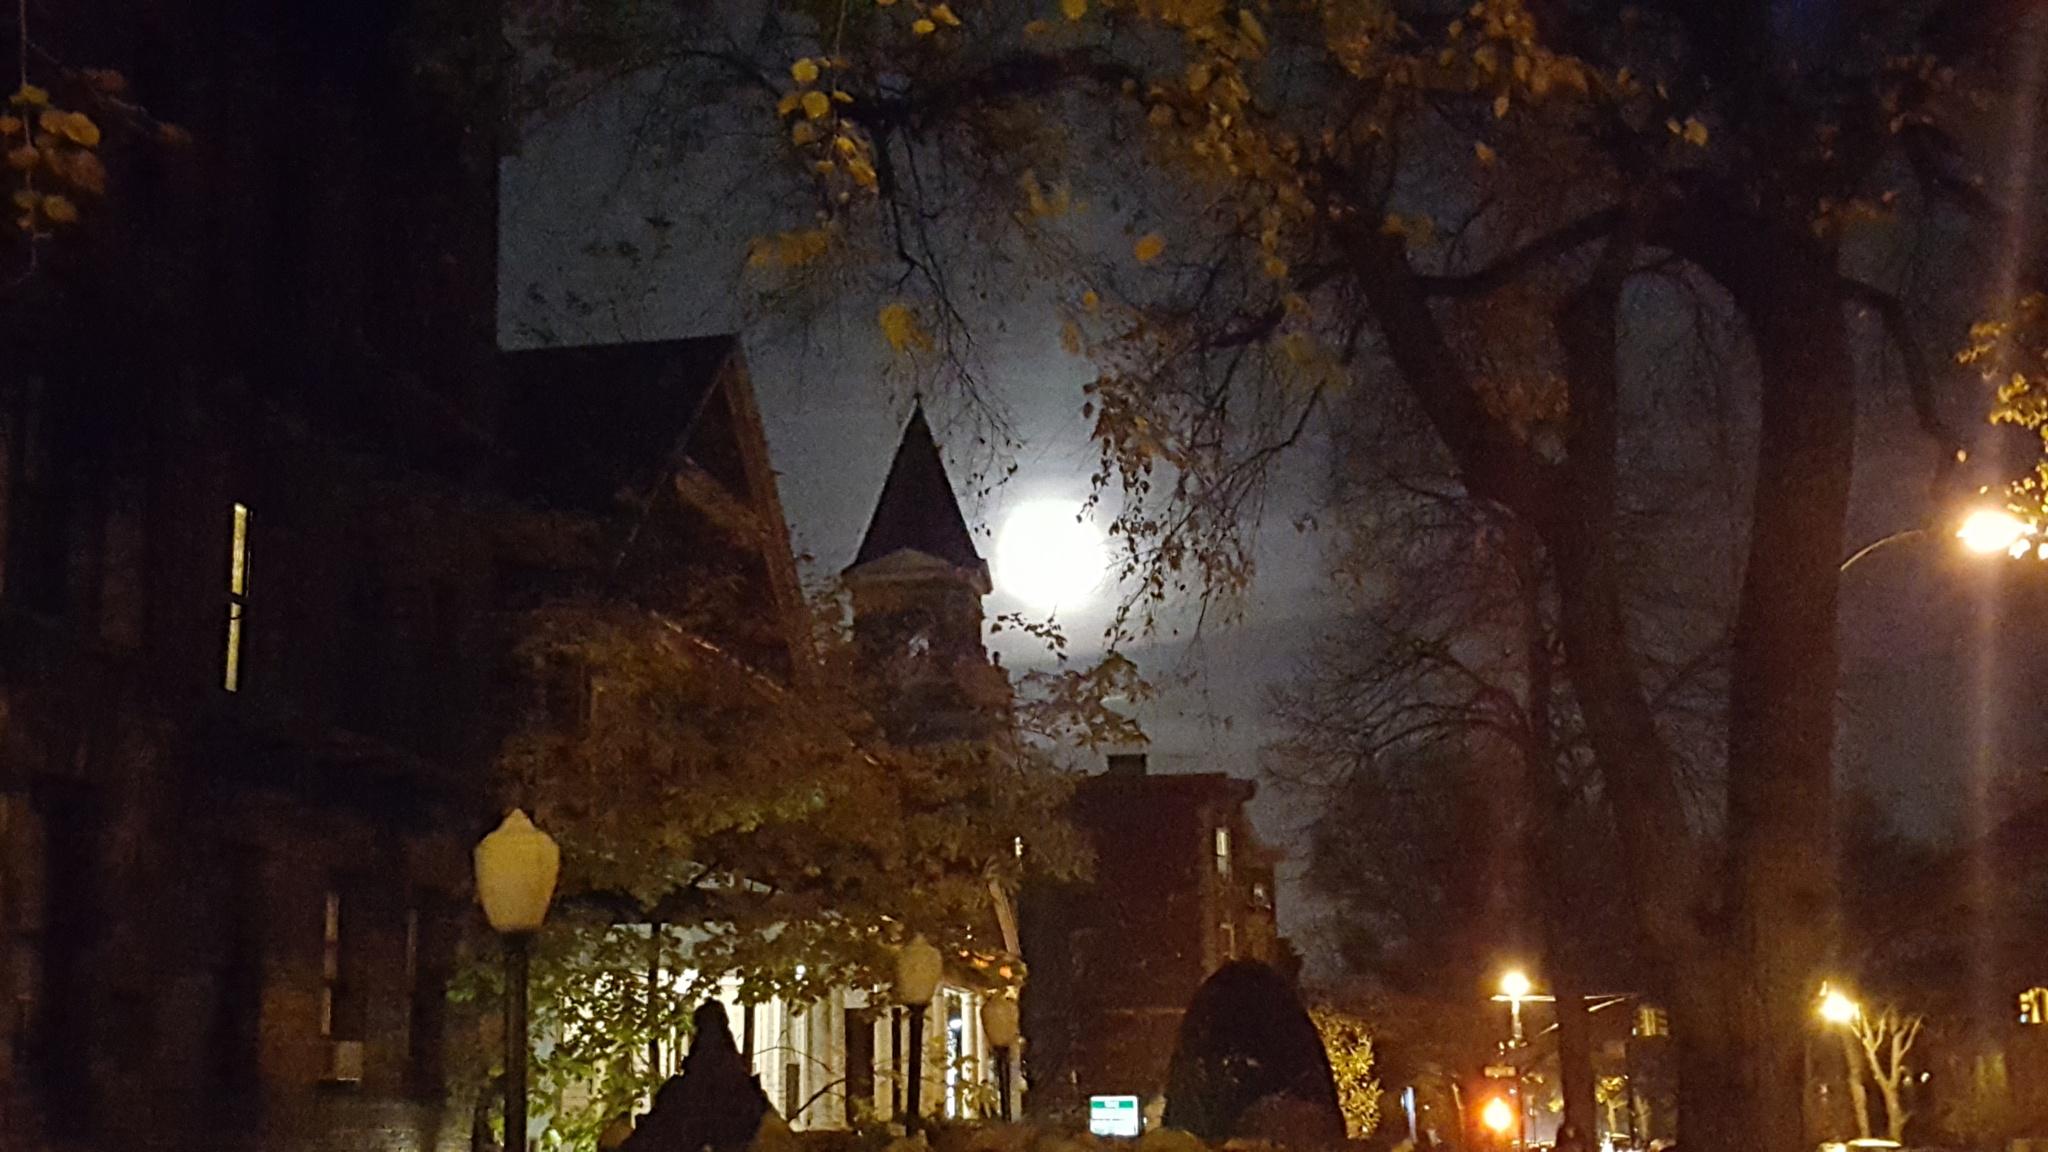 Moonlight night by waltermar48